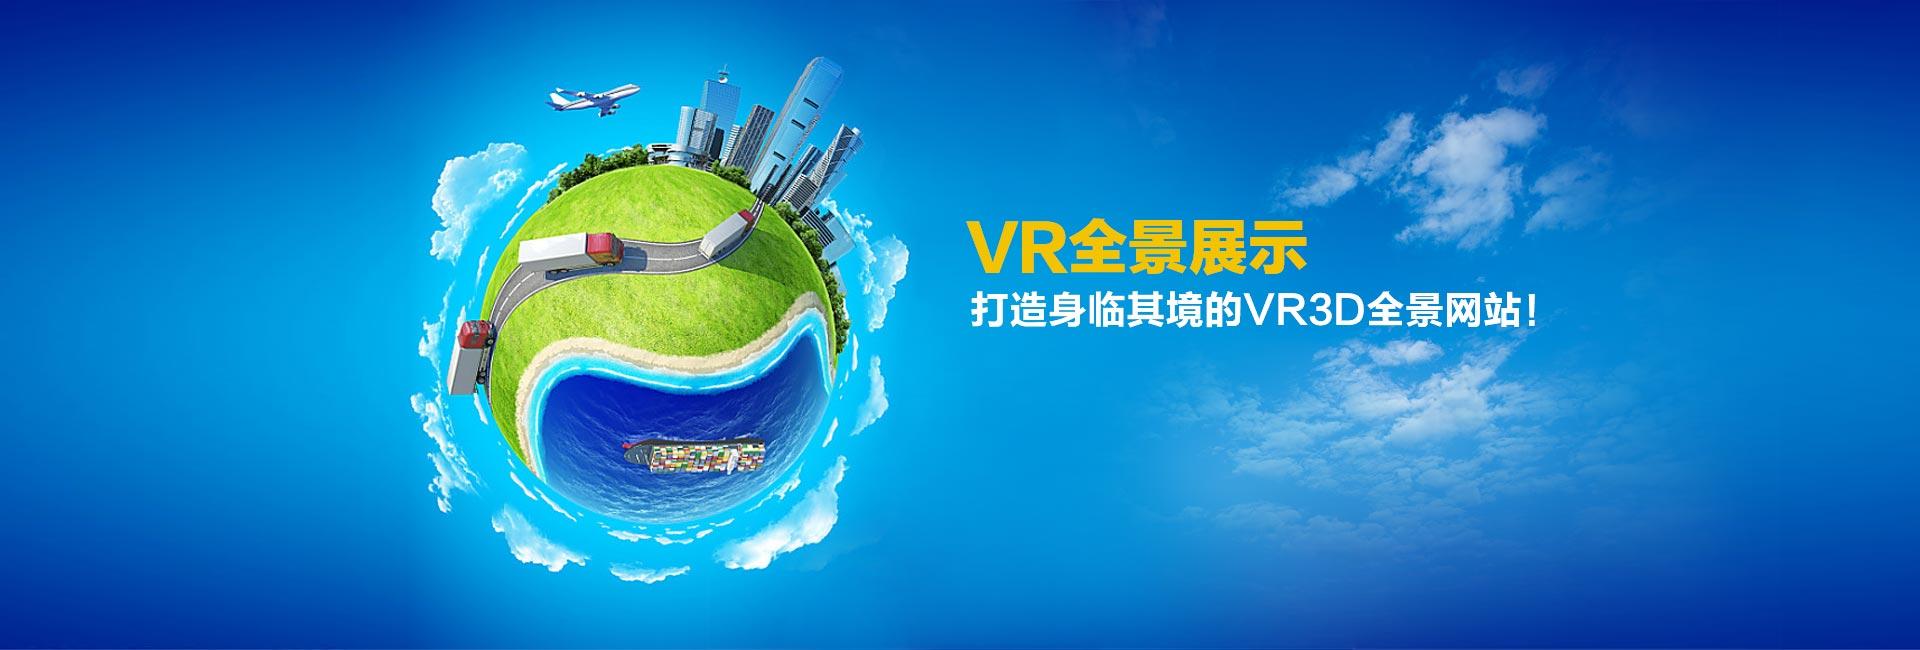 郑州VR720全景制作